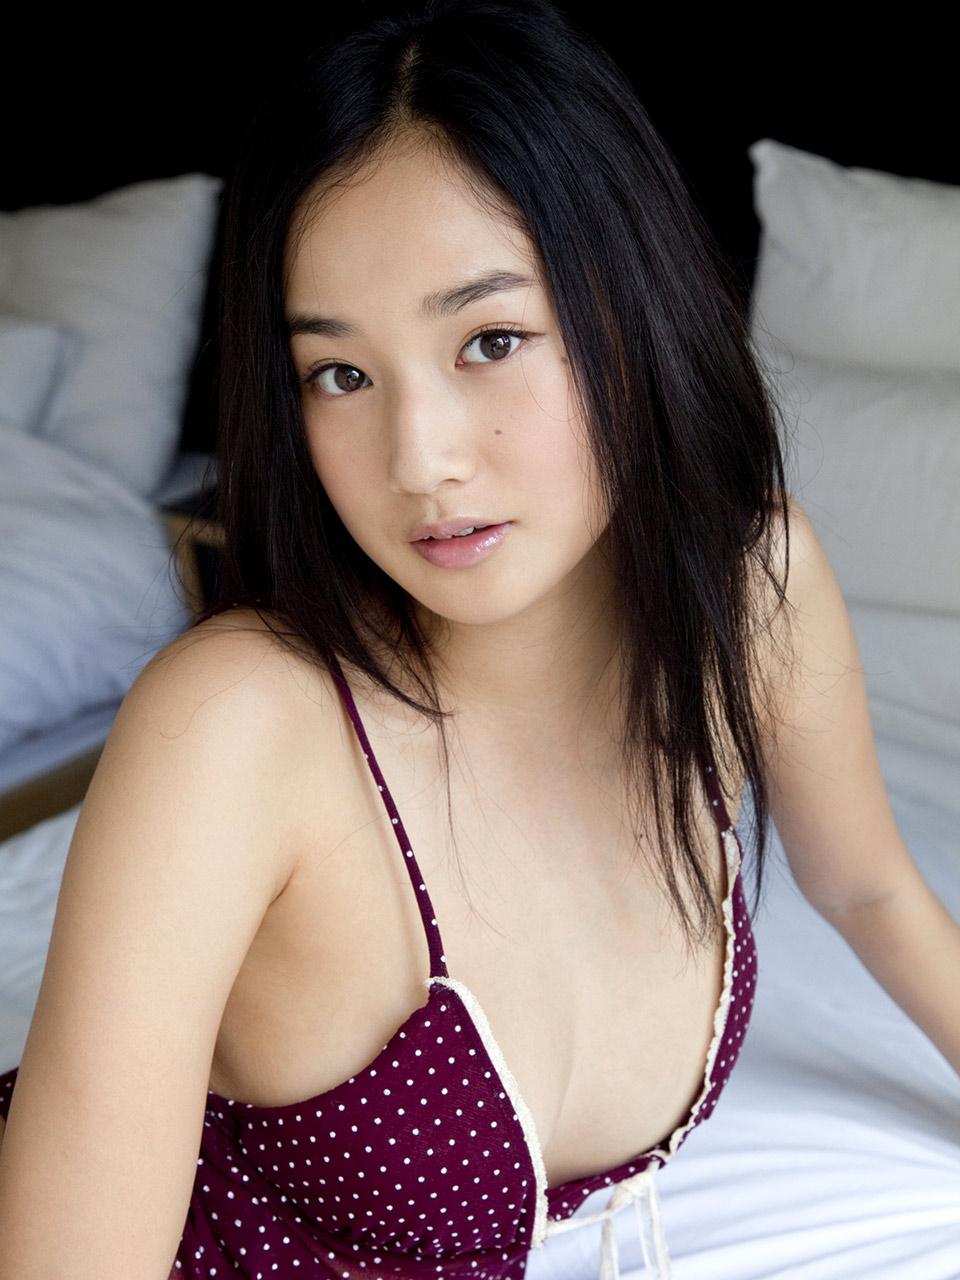 kaho takashima sexy bikini pics 05